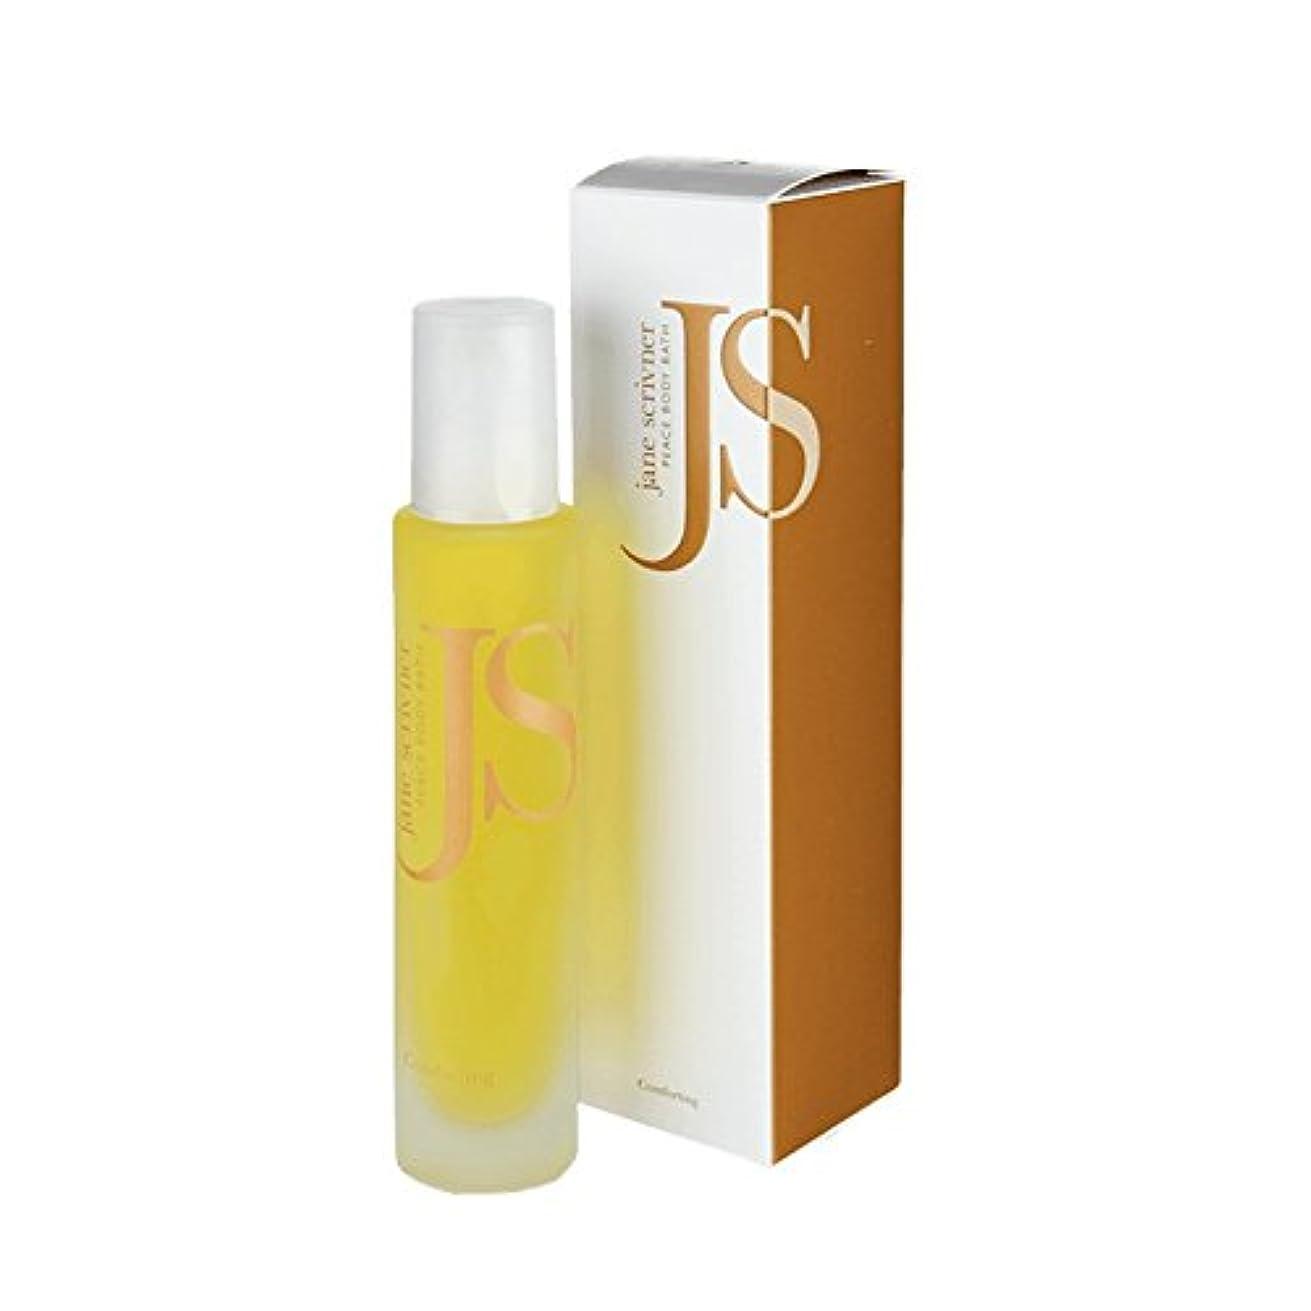 暫定例示する工業化するジェーンScrivnerボディバスオイル平和100ミリリットル - Jane Scrivner Body Bath Oil Peace 100ml (Jane Scrivner) [並行輸入品]